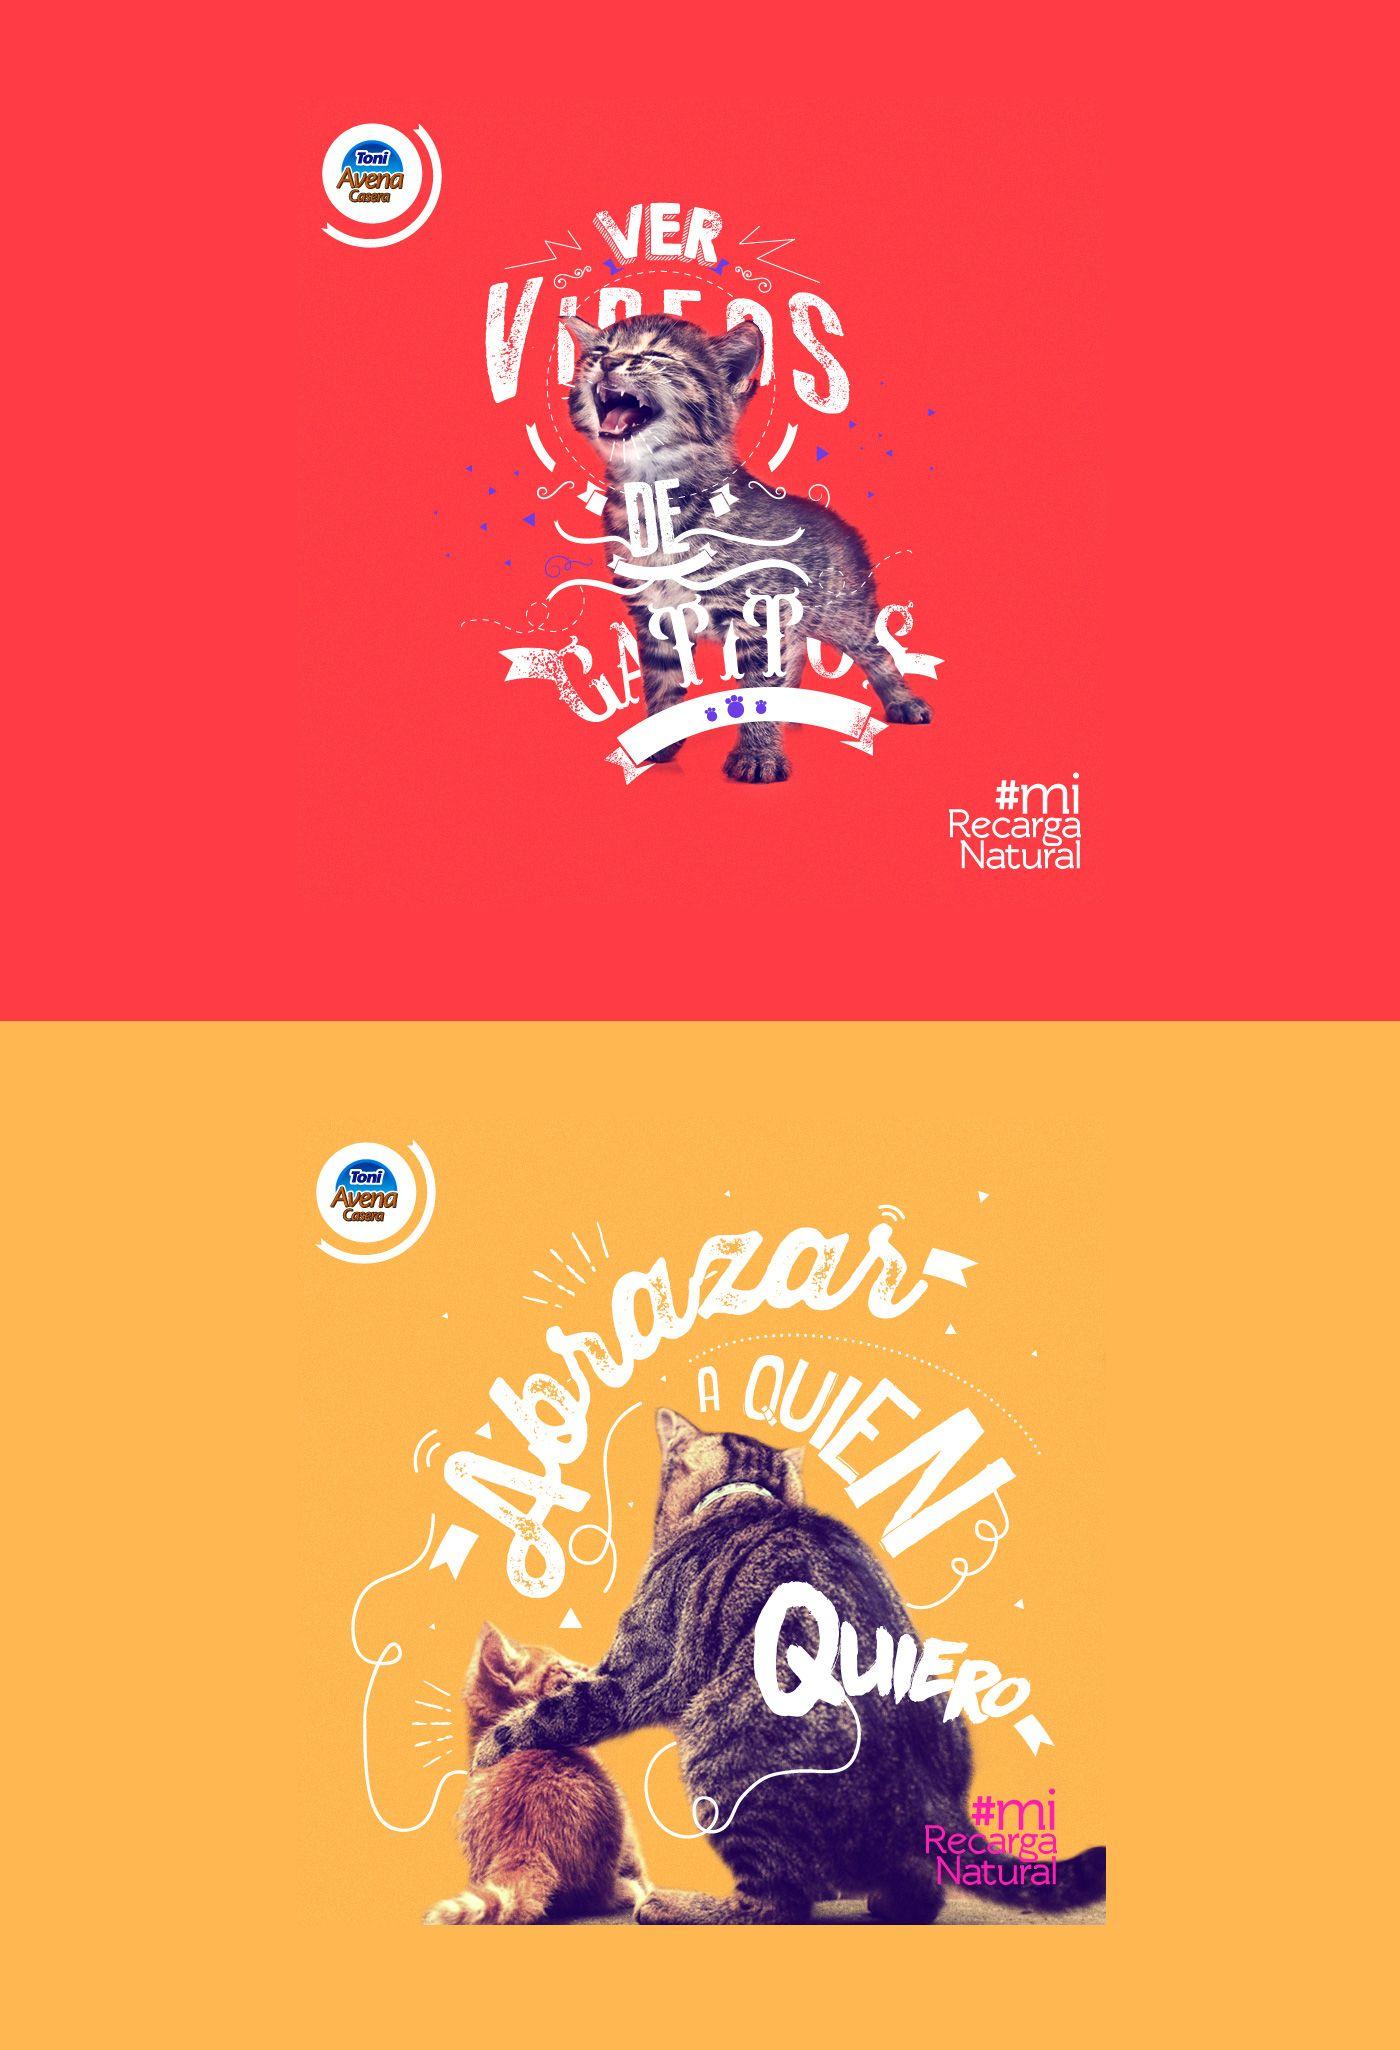 Diseno De Serie De Post Para Campana De Contenido Mirecarganatural En Facebook Para Photoshop Design Ideas Creative Graphic Design Graphic Design Inspiration